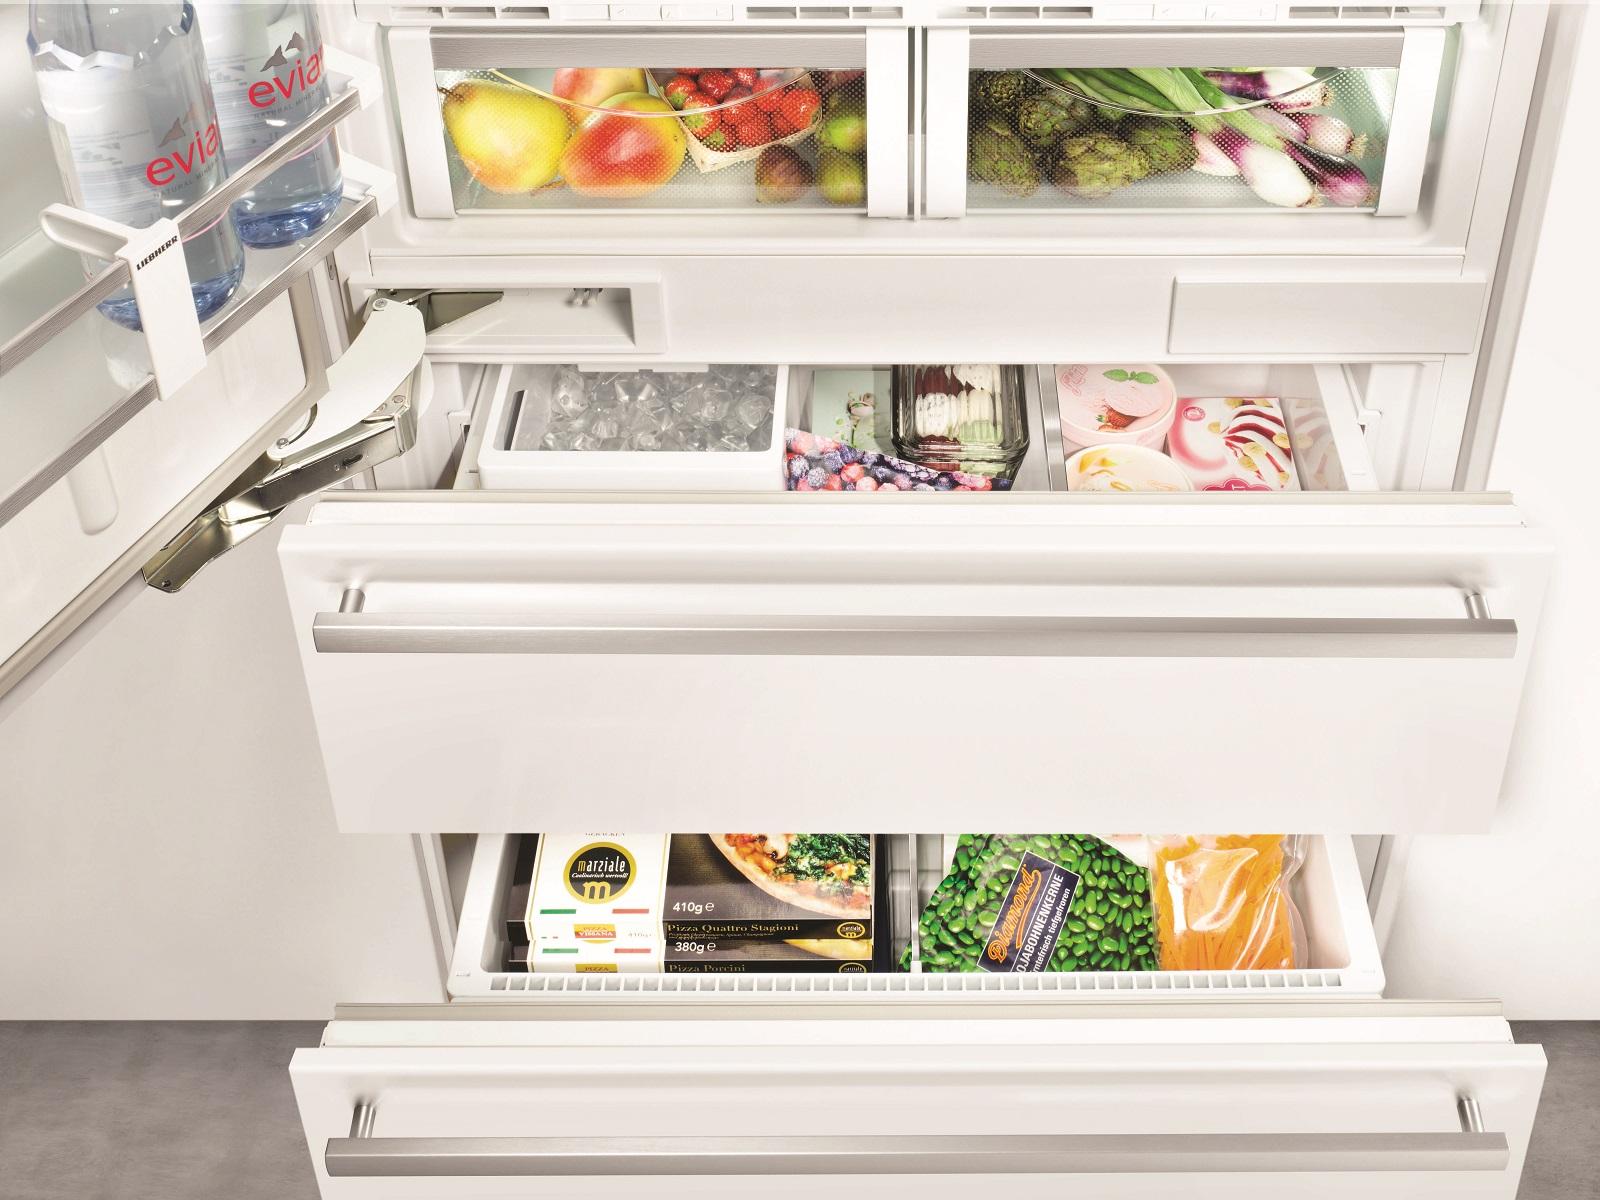 купить Встраиваемый двухкамерный холодильник Liebherr ECBN 6156 617 Украина фото 6